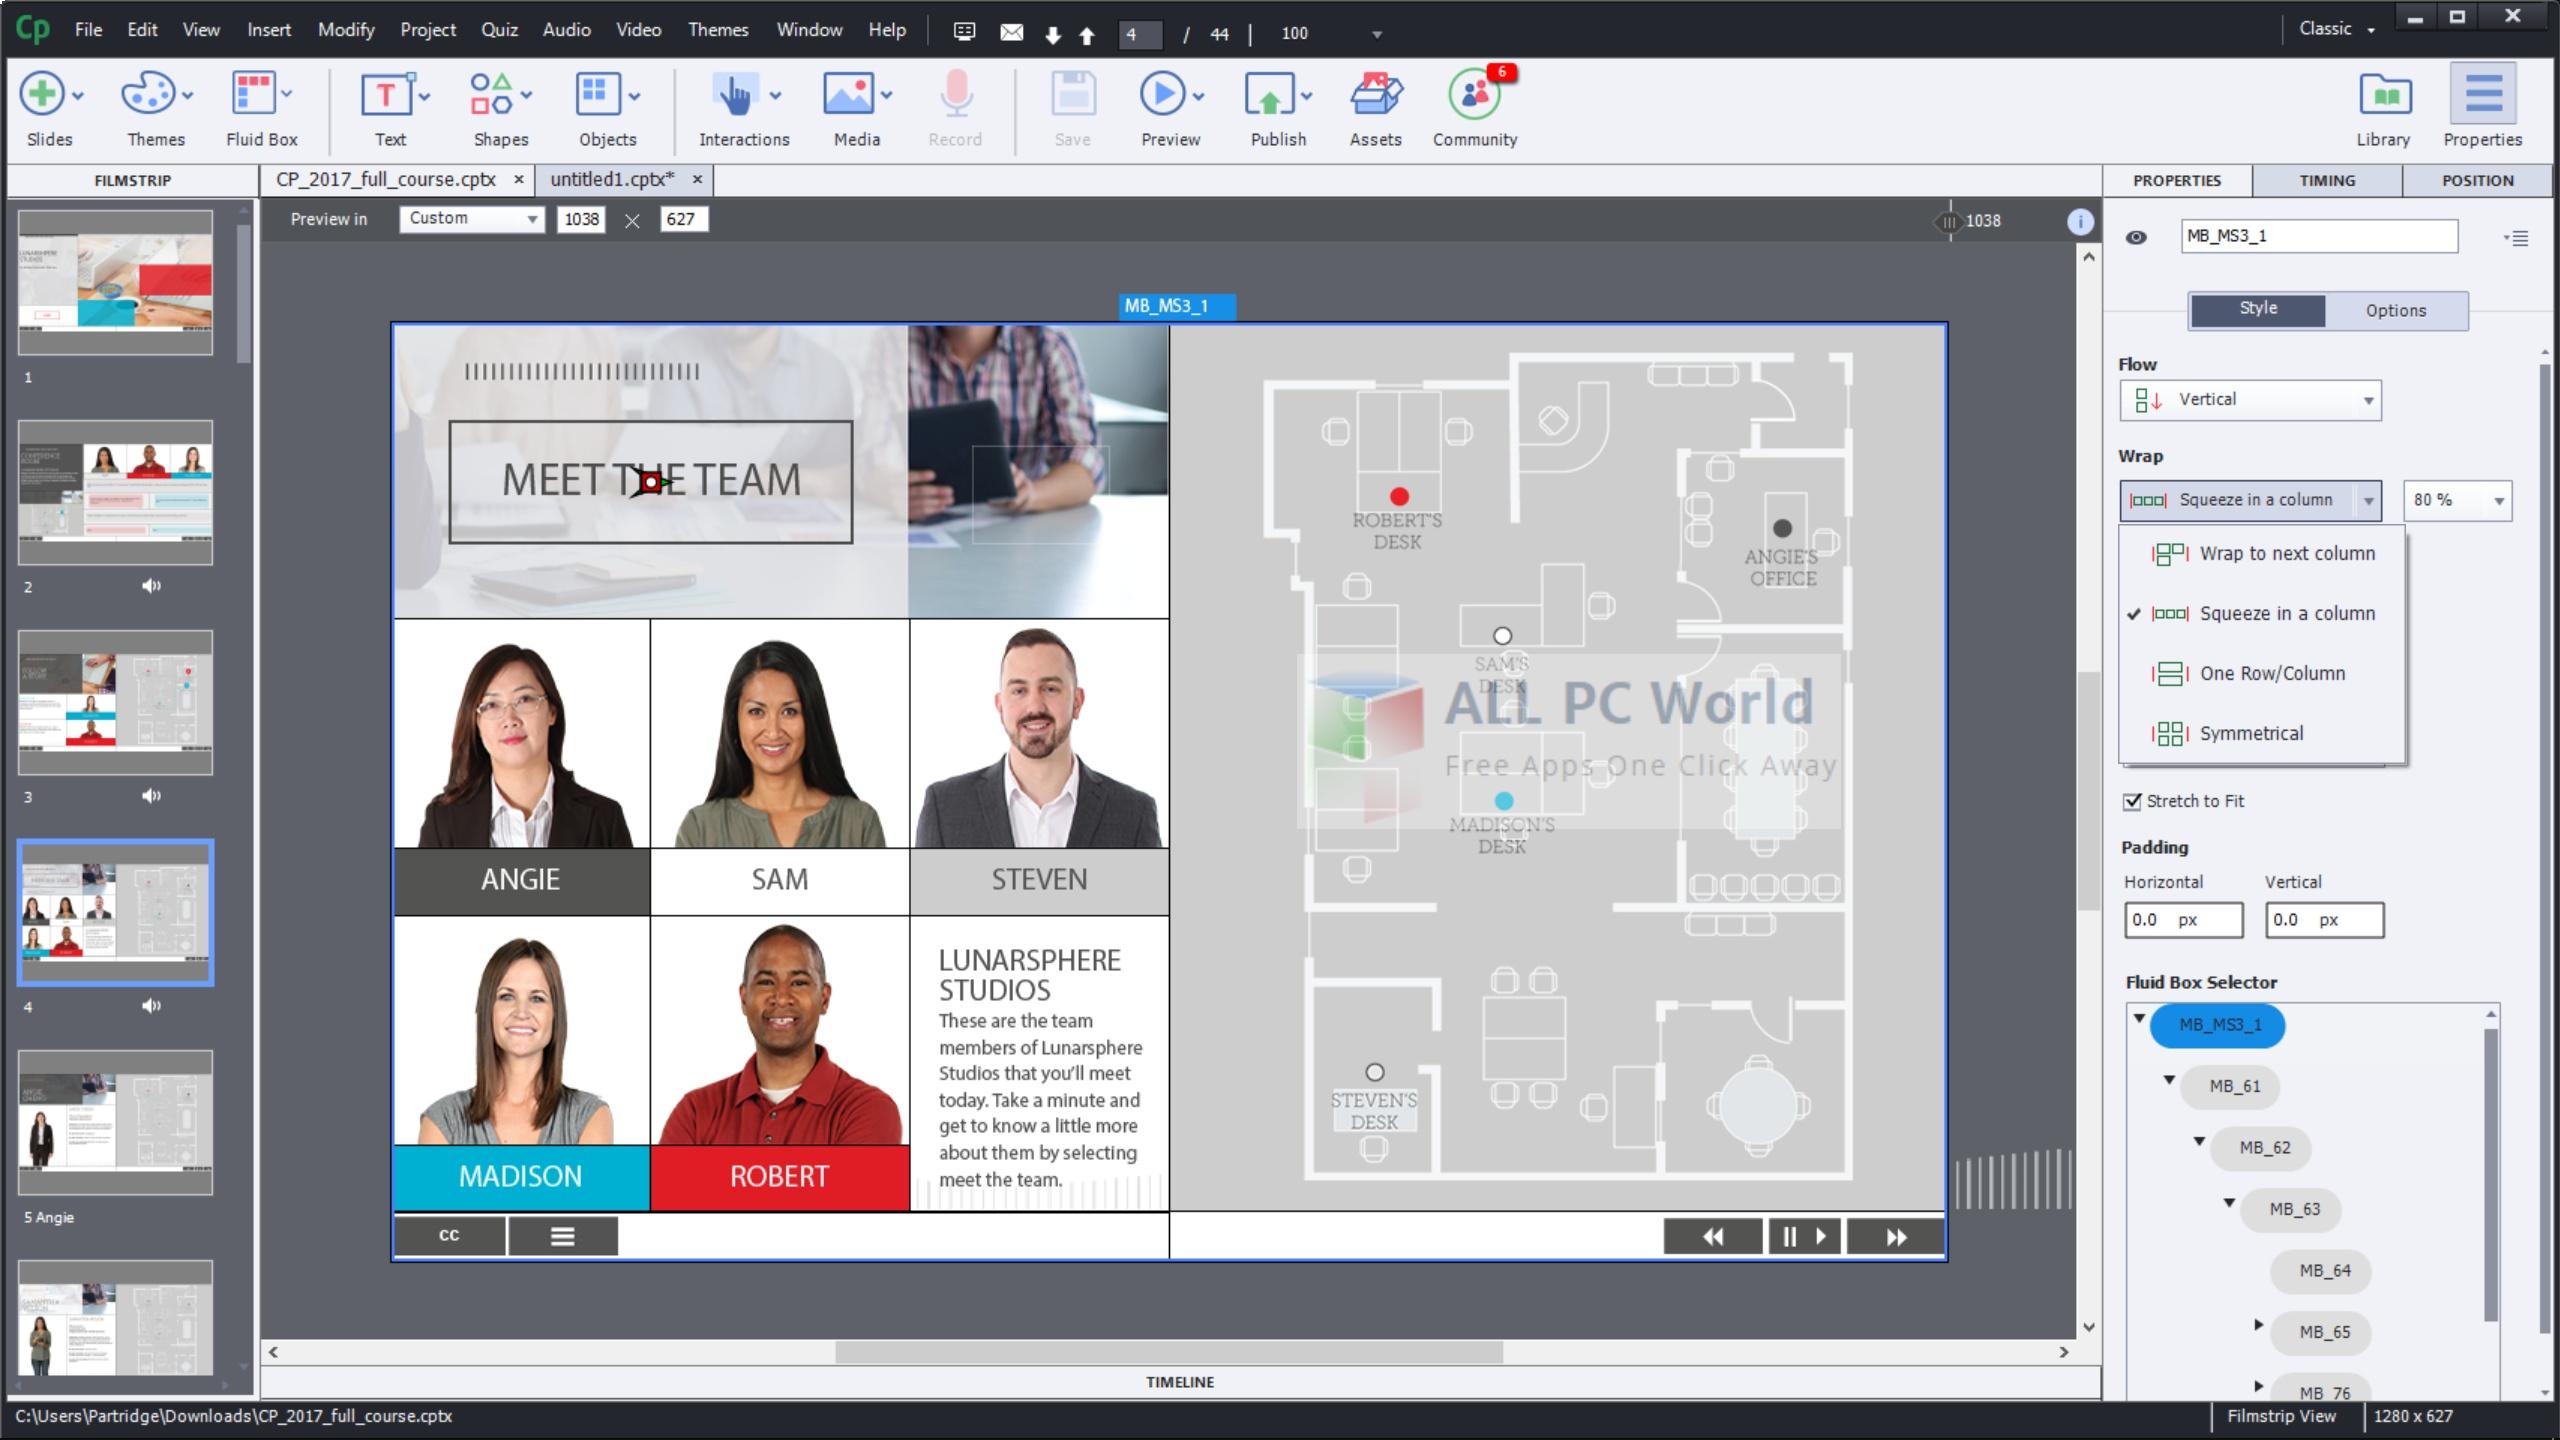 Adobe Captivate CC 2017 Review